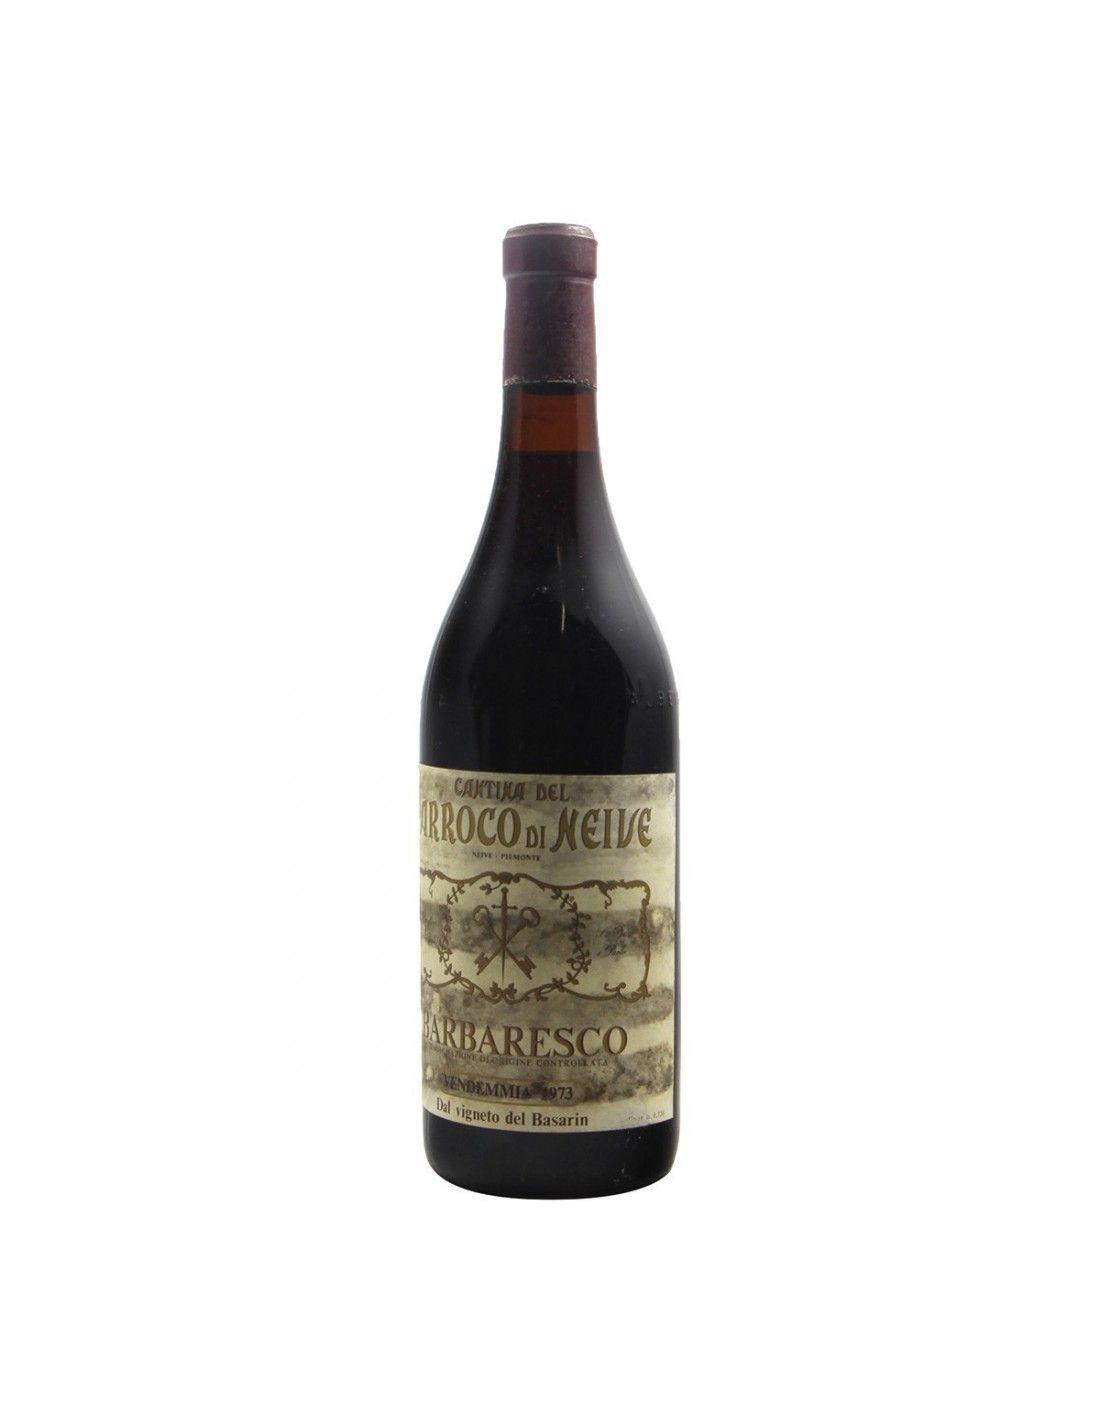 BARBARESCO VIGNETO DEL BASARIN 1973 CANTINA DEL PARROCO DI NEIVE Grandi Bottiglie